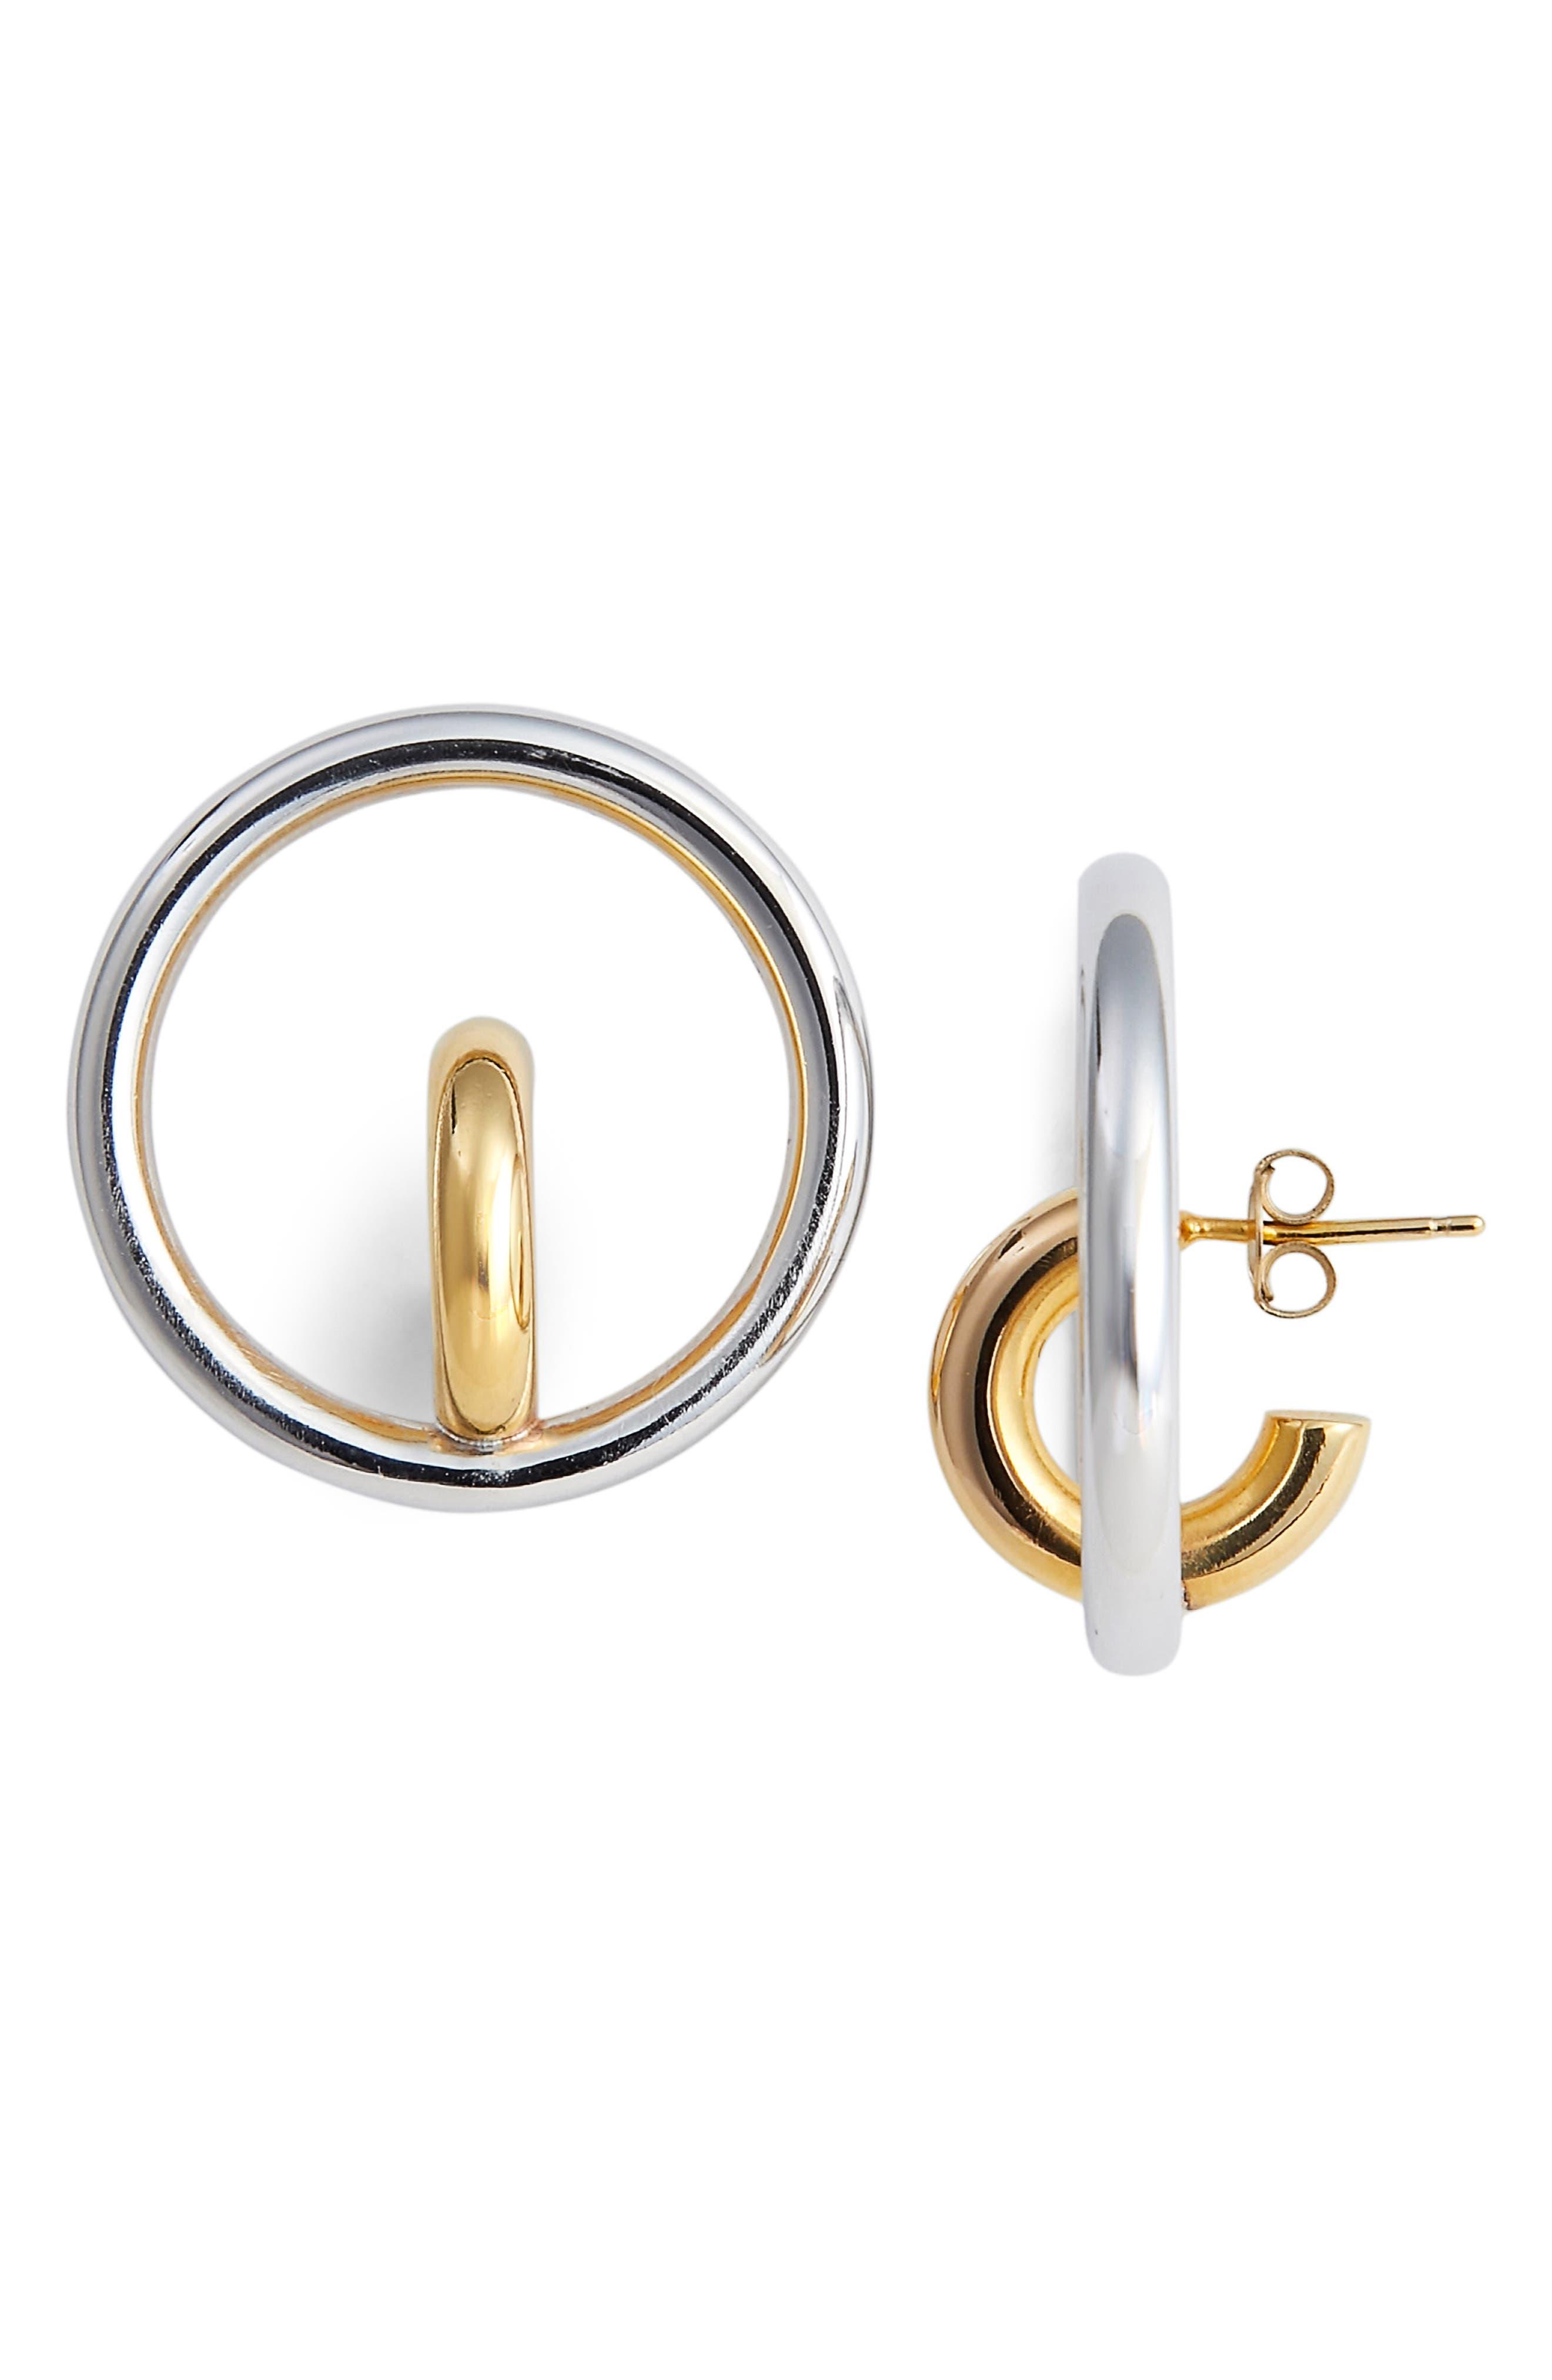 Saturn Blow Medium Hoop Earrings,                             Main thumbnail 1, color,                             YELLOW SILVER